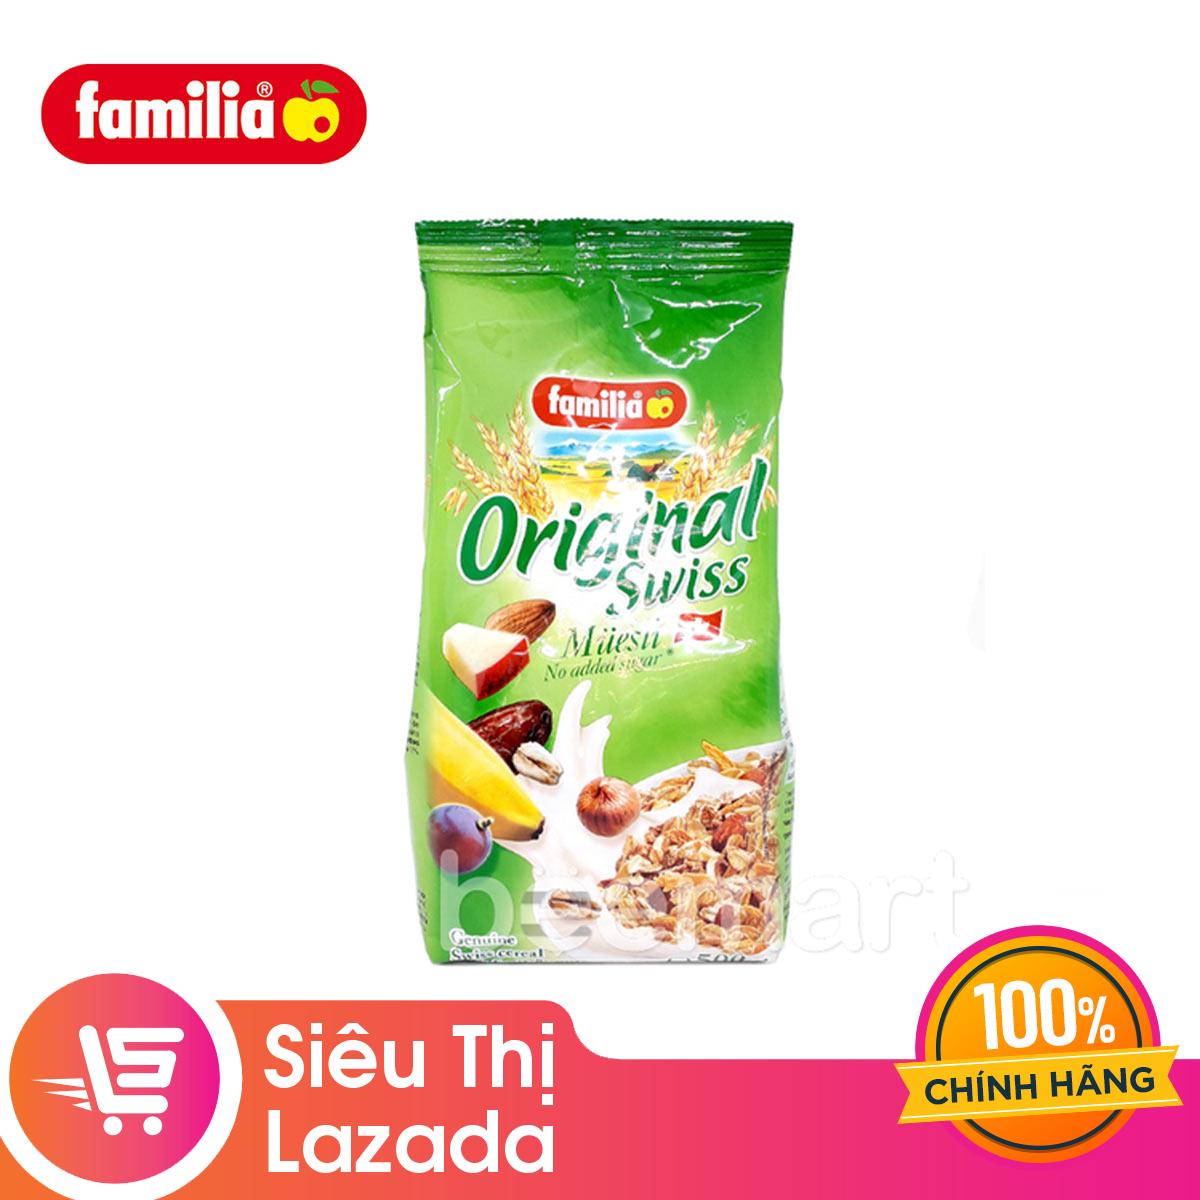 [Siêu thị Lazada] Ngũ cốc trộn trái cây sấy khô không đường Original Swiss Muesli 500g – sản phẩm hữu cơ tốt cho sức khỏe phù hợp với mọi lứa tuổi